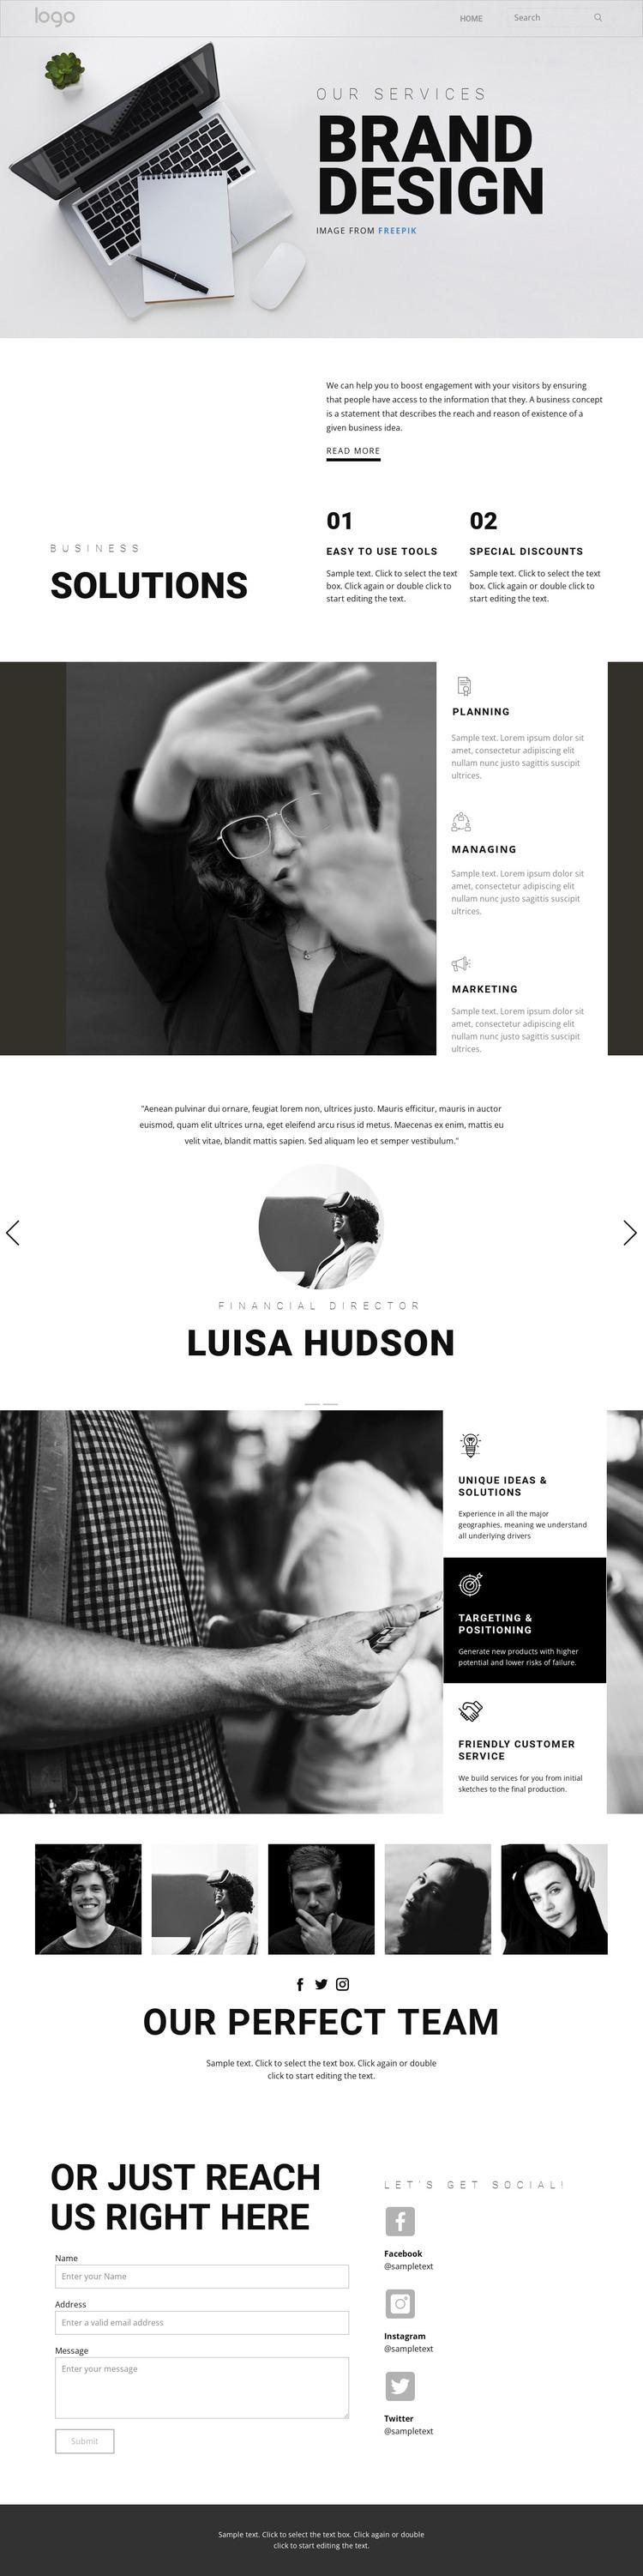 Doing branding for business WordPress Theme